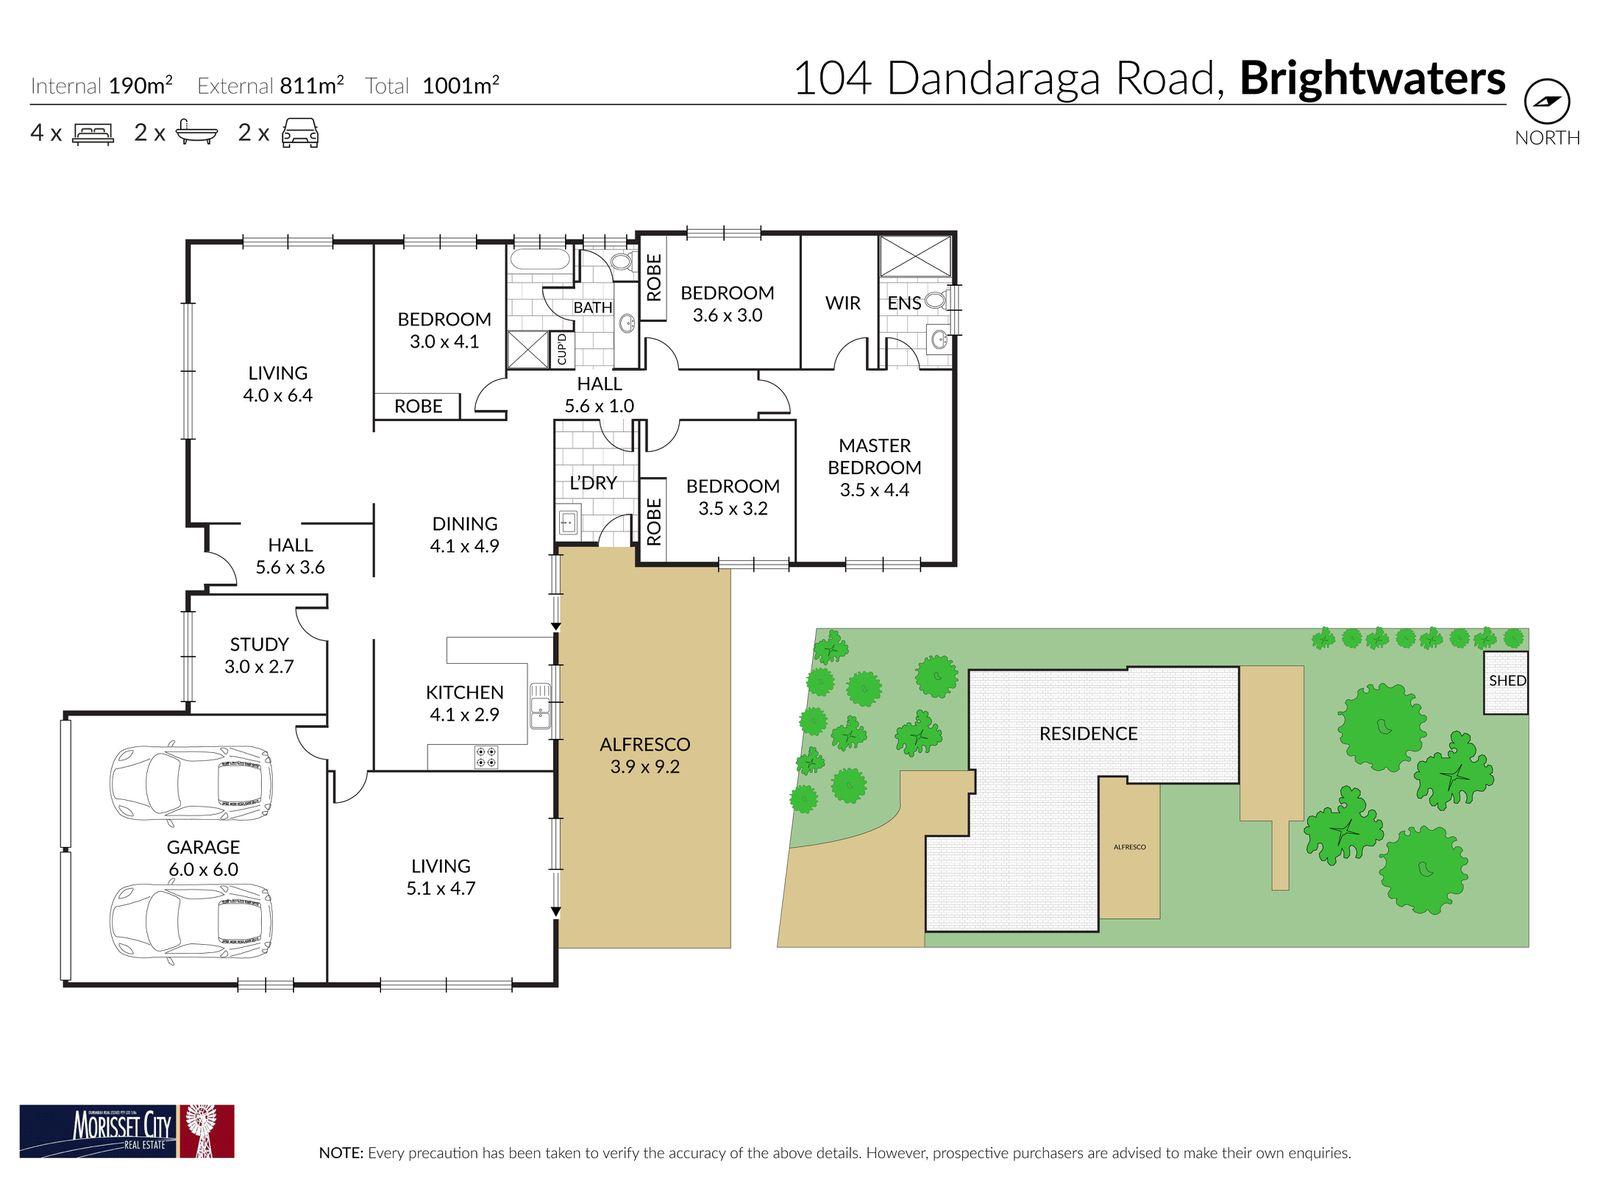 104 Dandaraga Road, Brightwaters